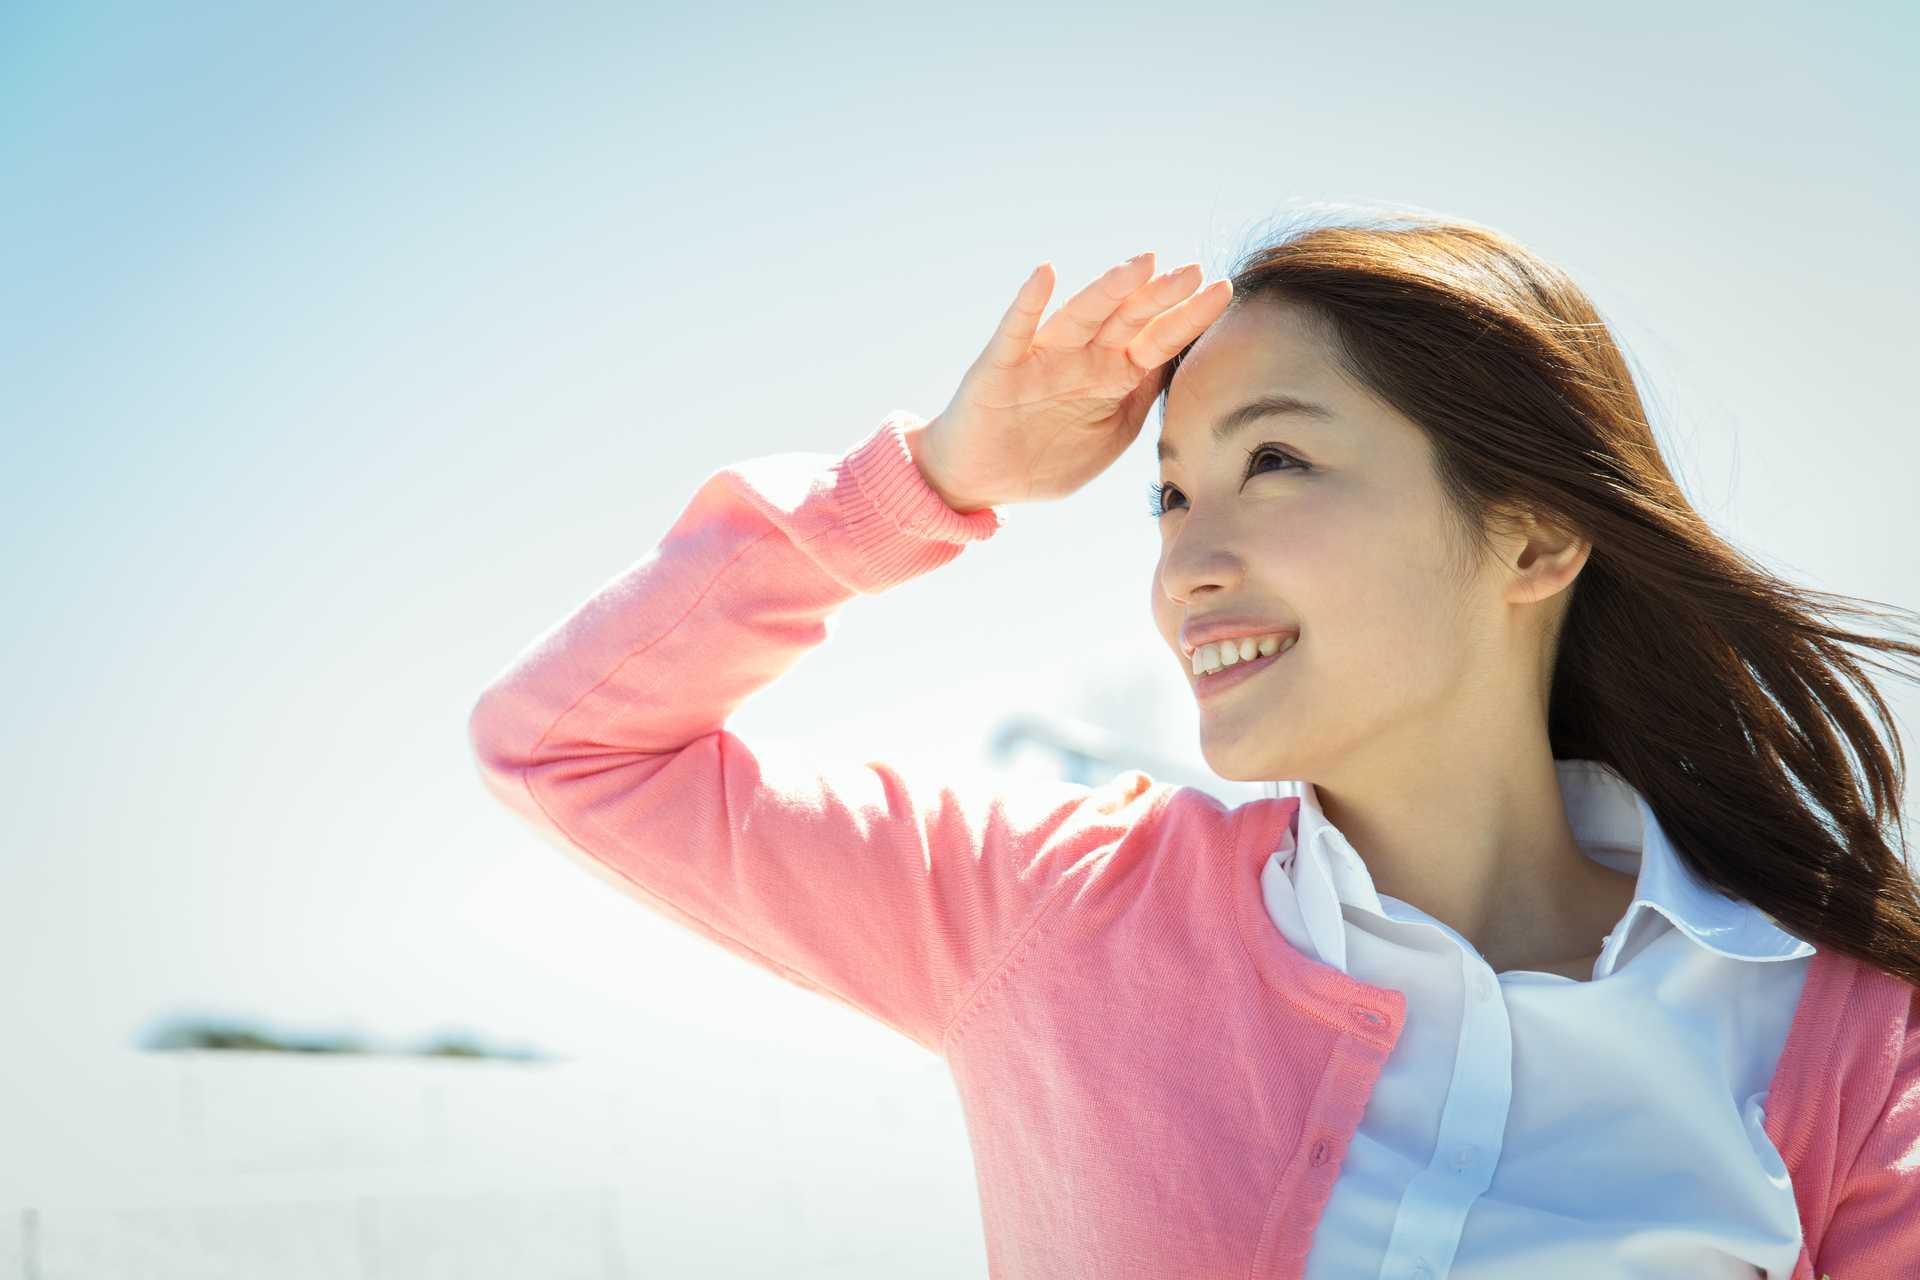 ヨットは、風がないと進めない。 | ポジティブ思考になる30の方法